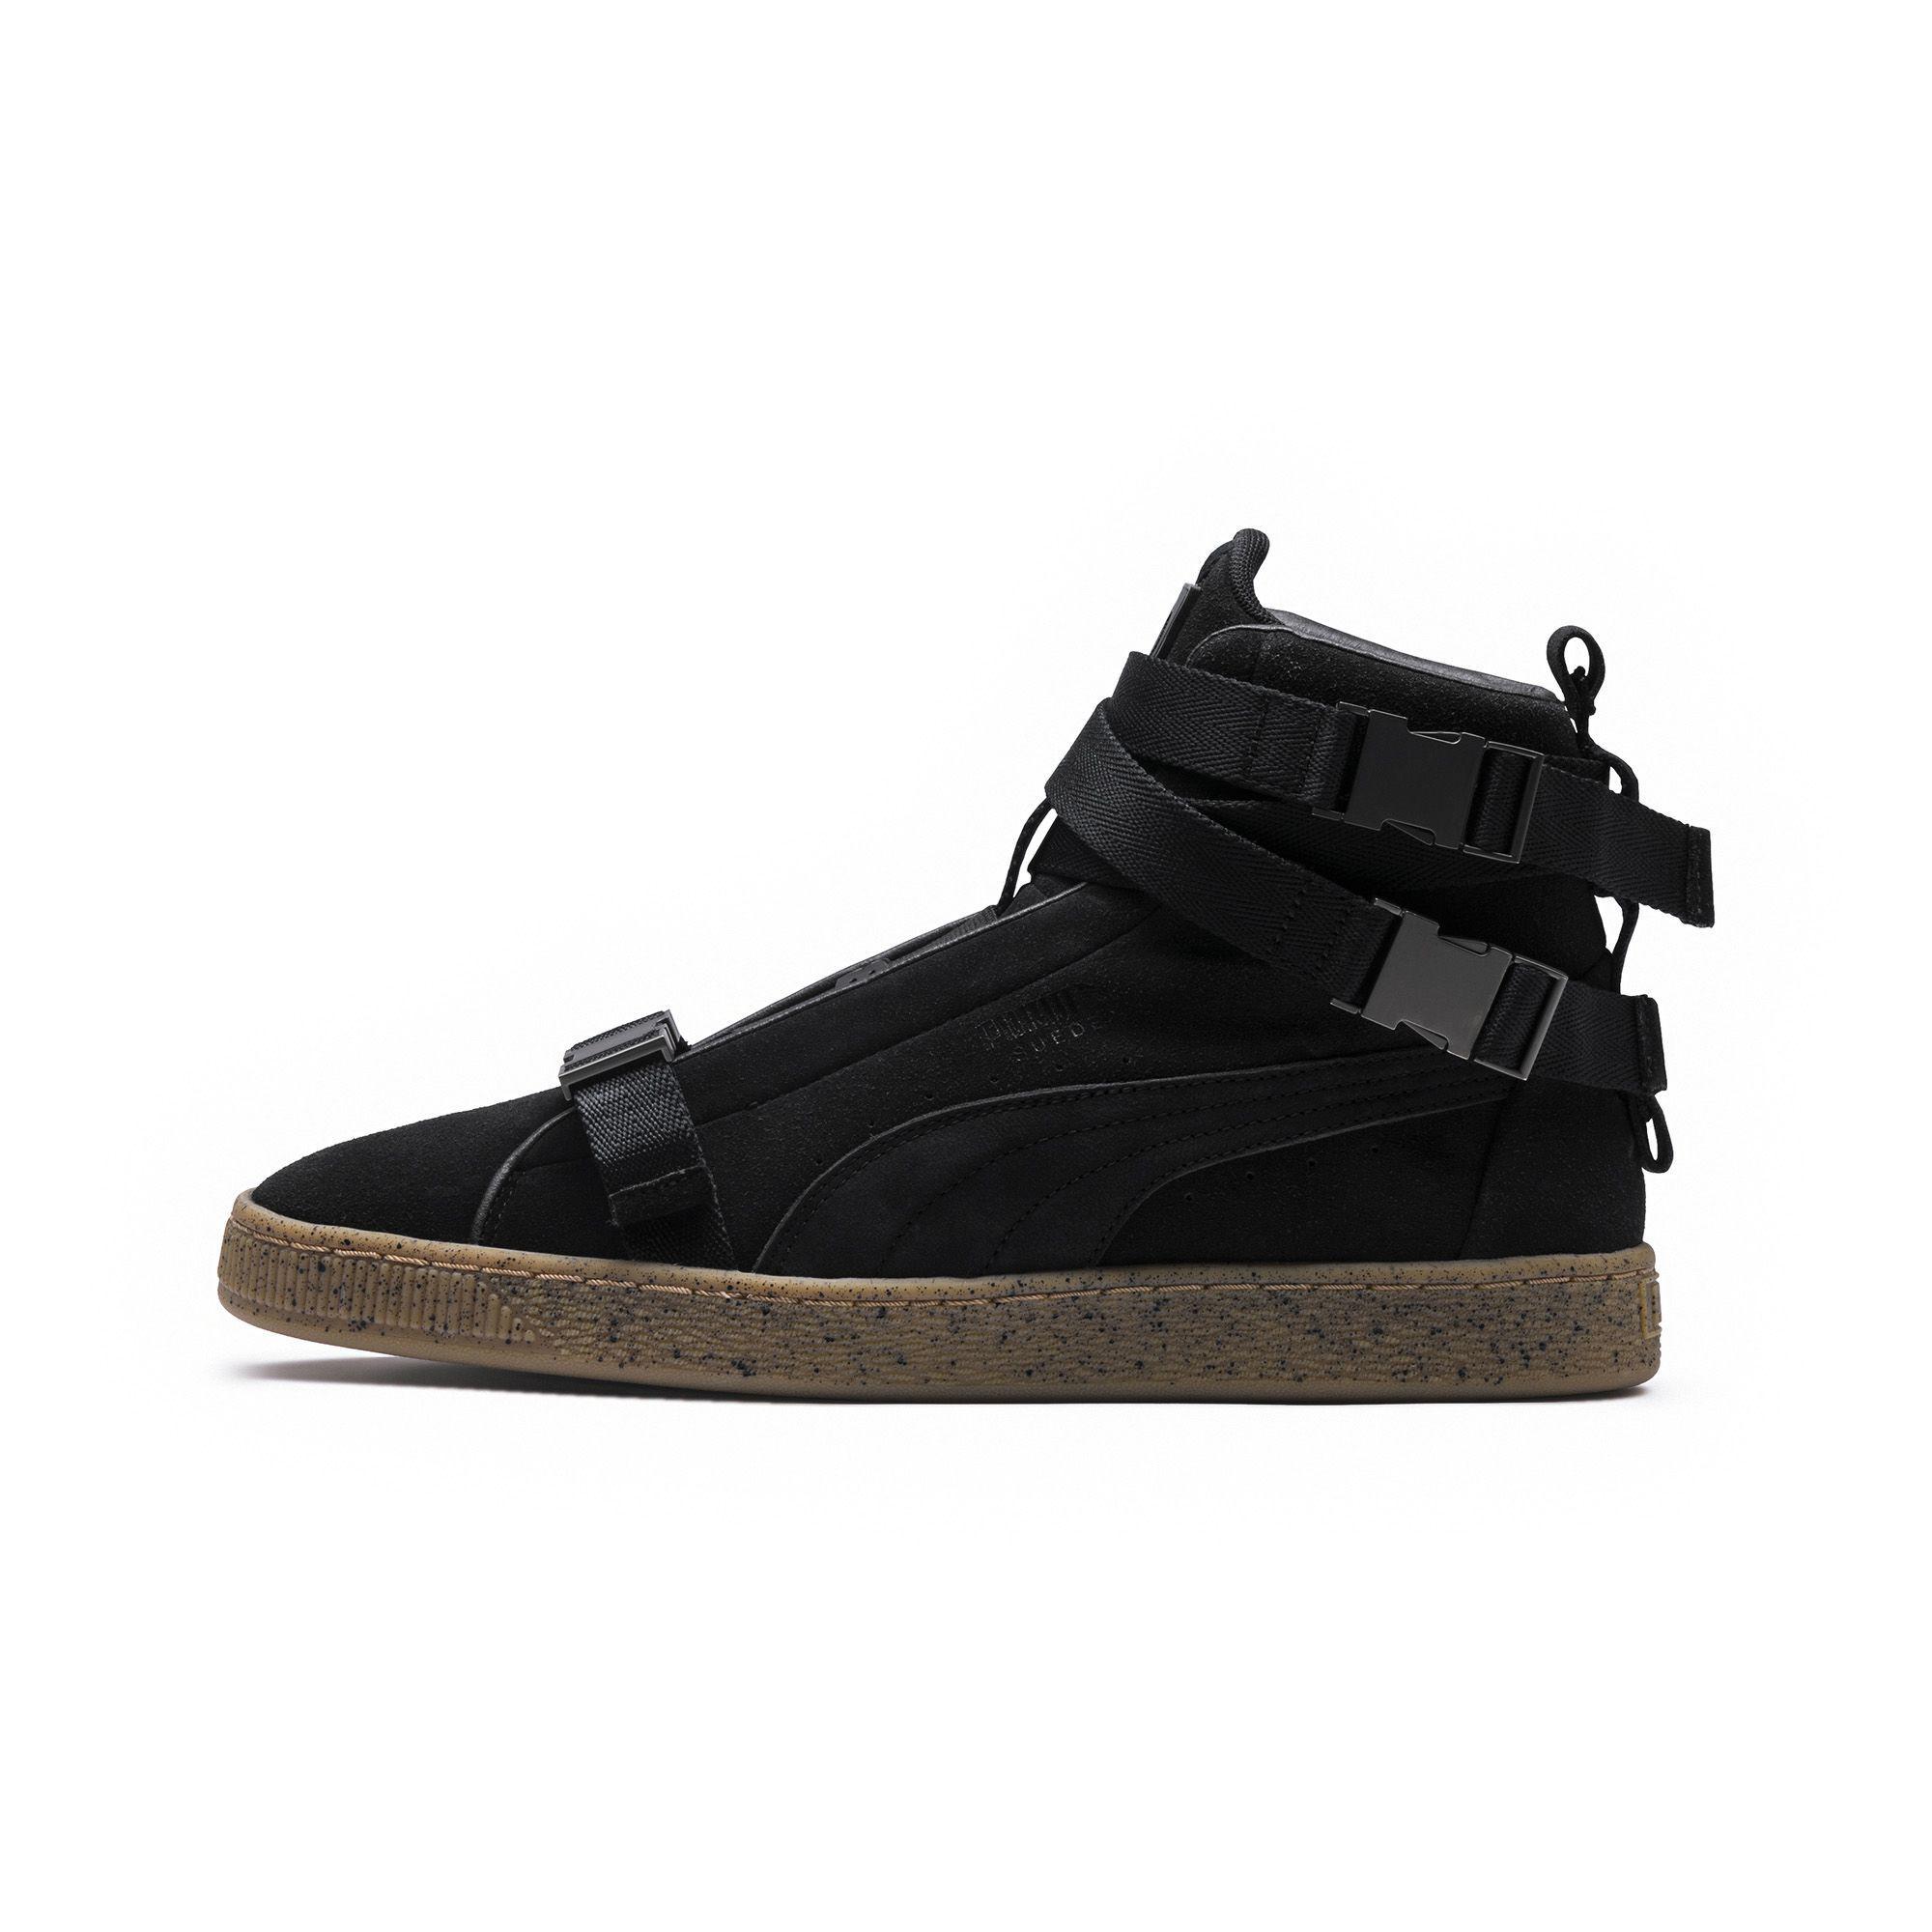 PUMA X Xo Suede Classic Sneakers in